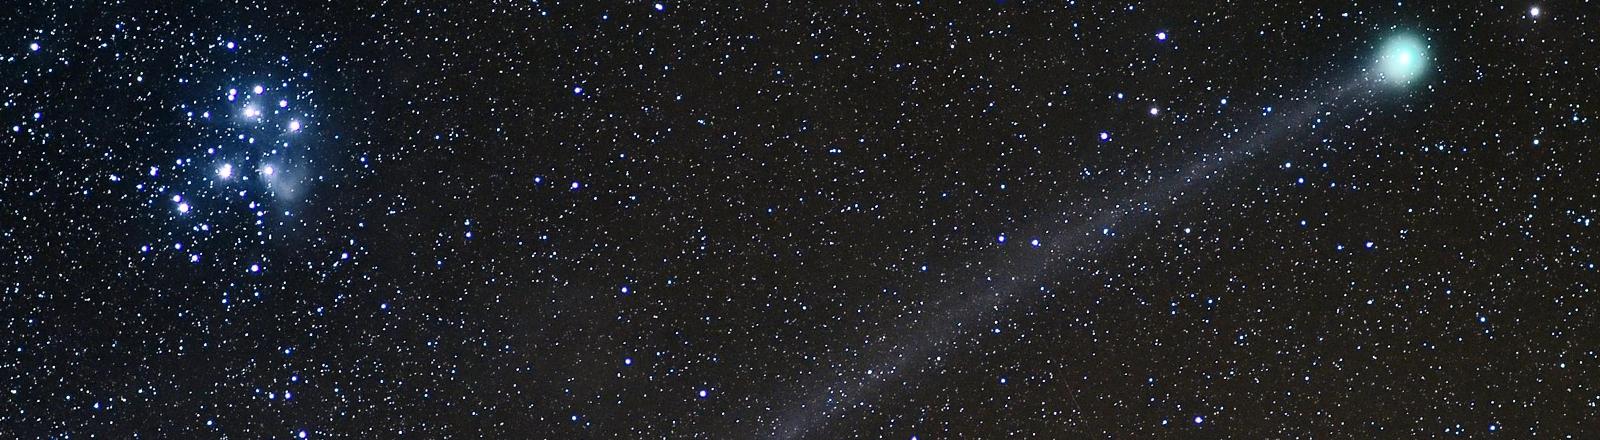 Der Komet C/2014 Q2 Lovejoy passiert am 17.01.2015 am Nachthimmel über dem Nationalpark Eifel in der Nähe von Schleiden